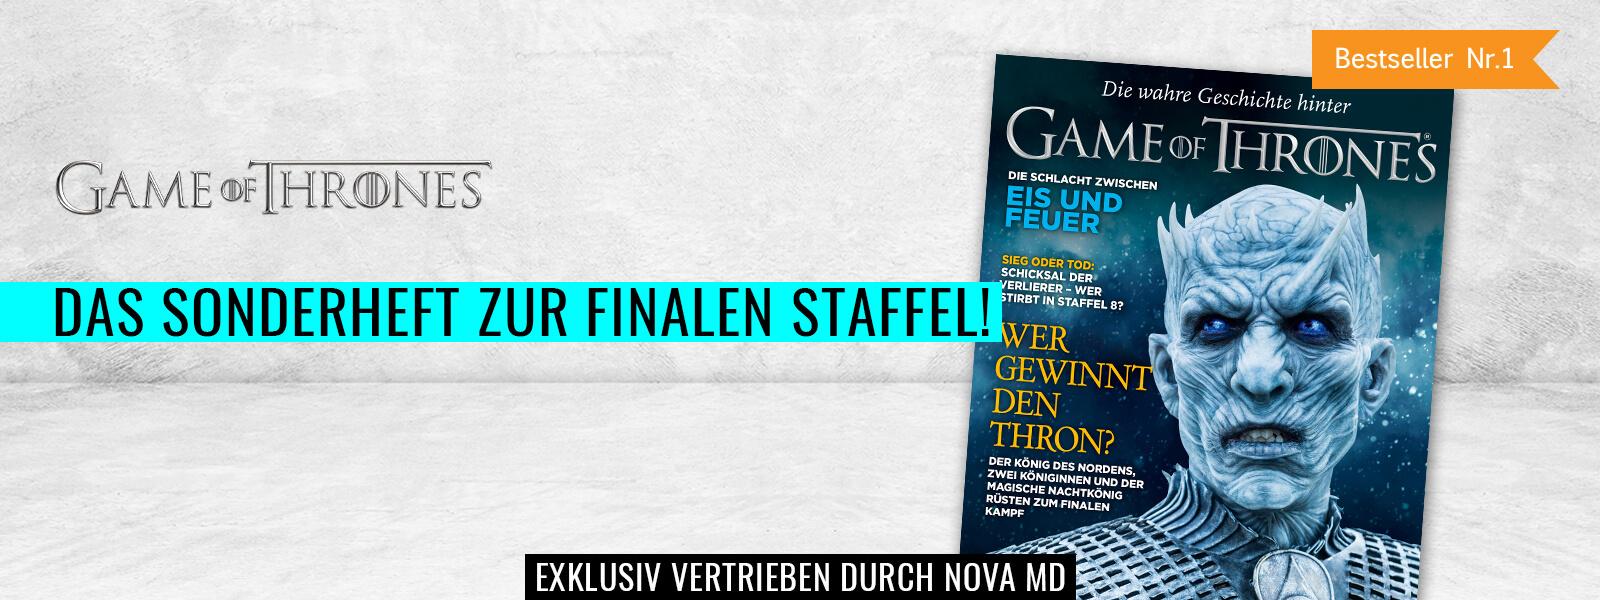 Game of Thrones Magazin, das Special zur finalen Staffel, Bestseller bei Amazon